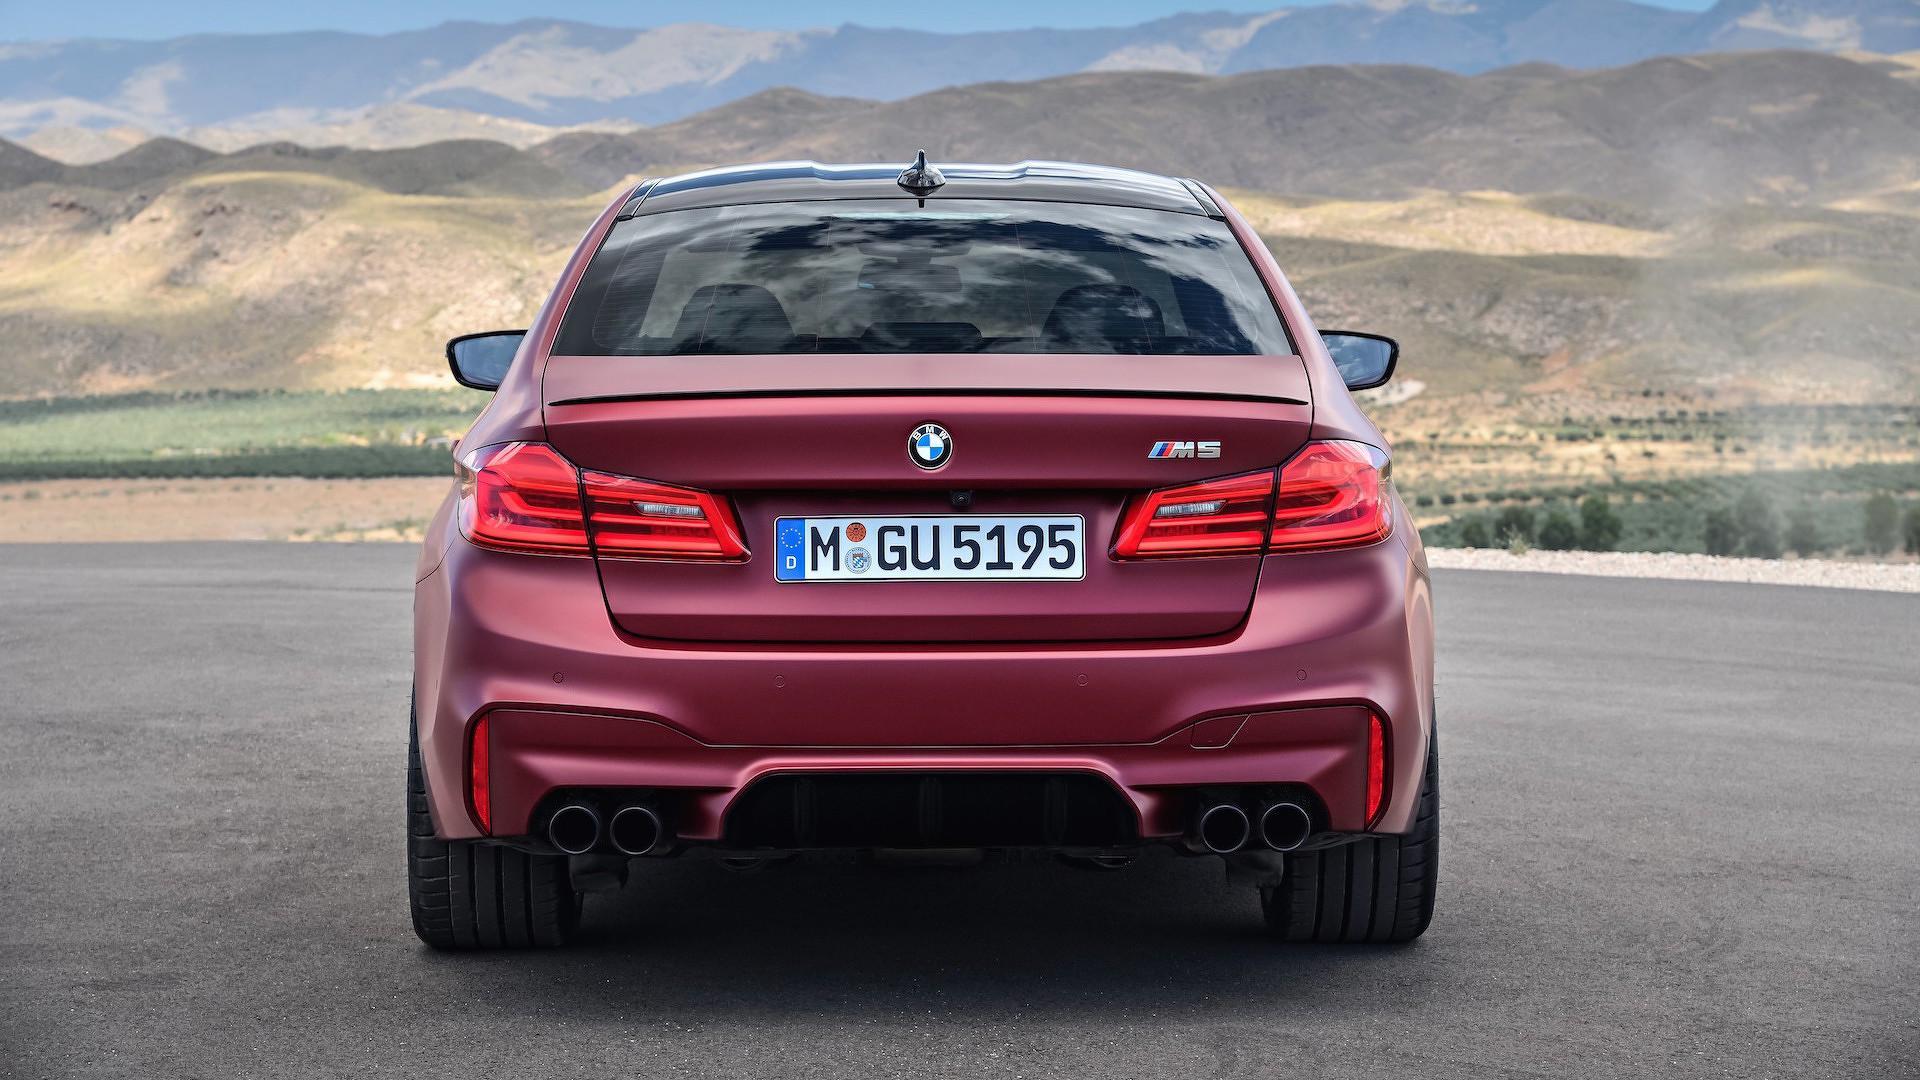 BMW M5 - 2018 - Po vsej verjetnosti zadek, ki ga boste gledali z zavidanjem!